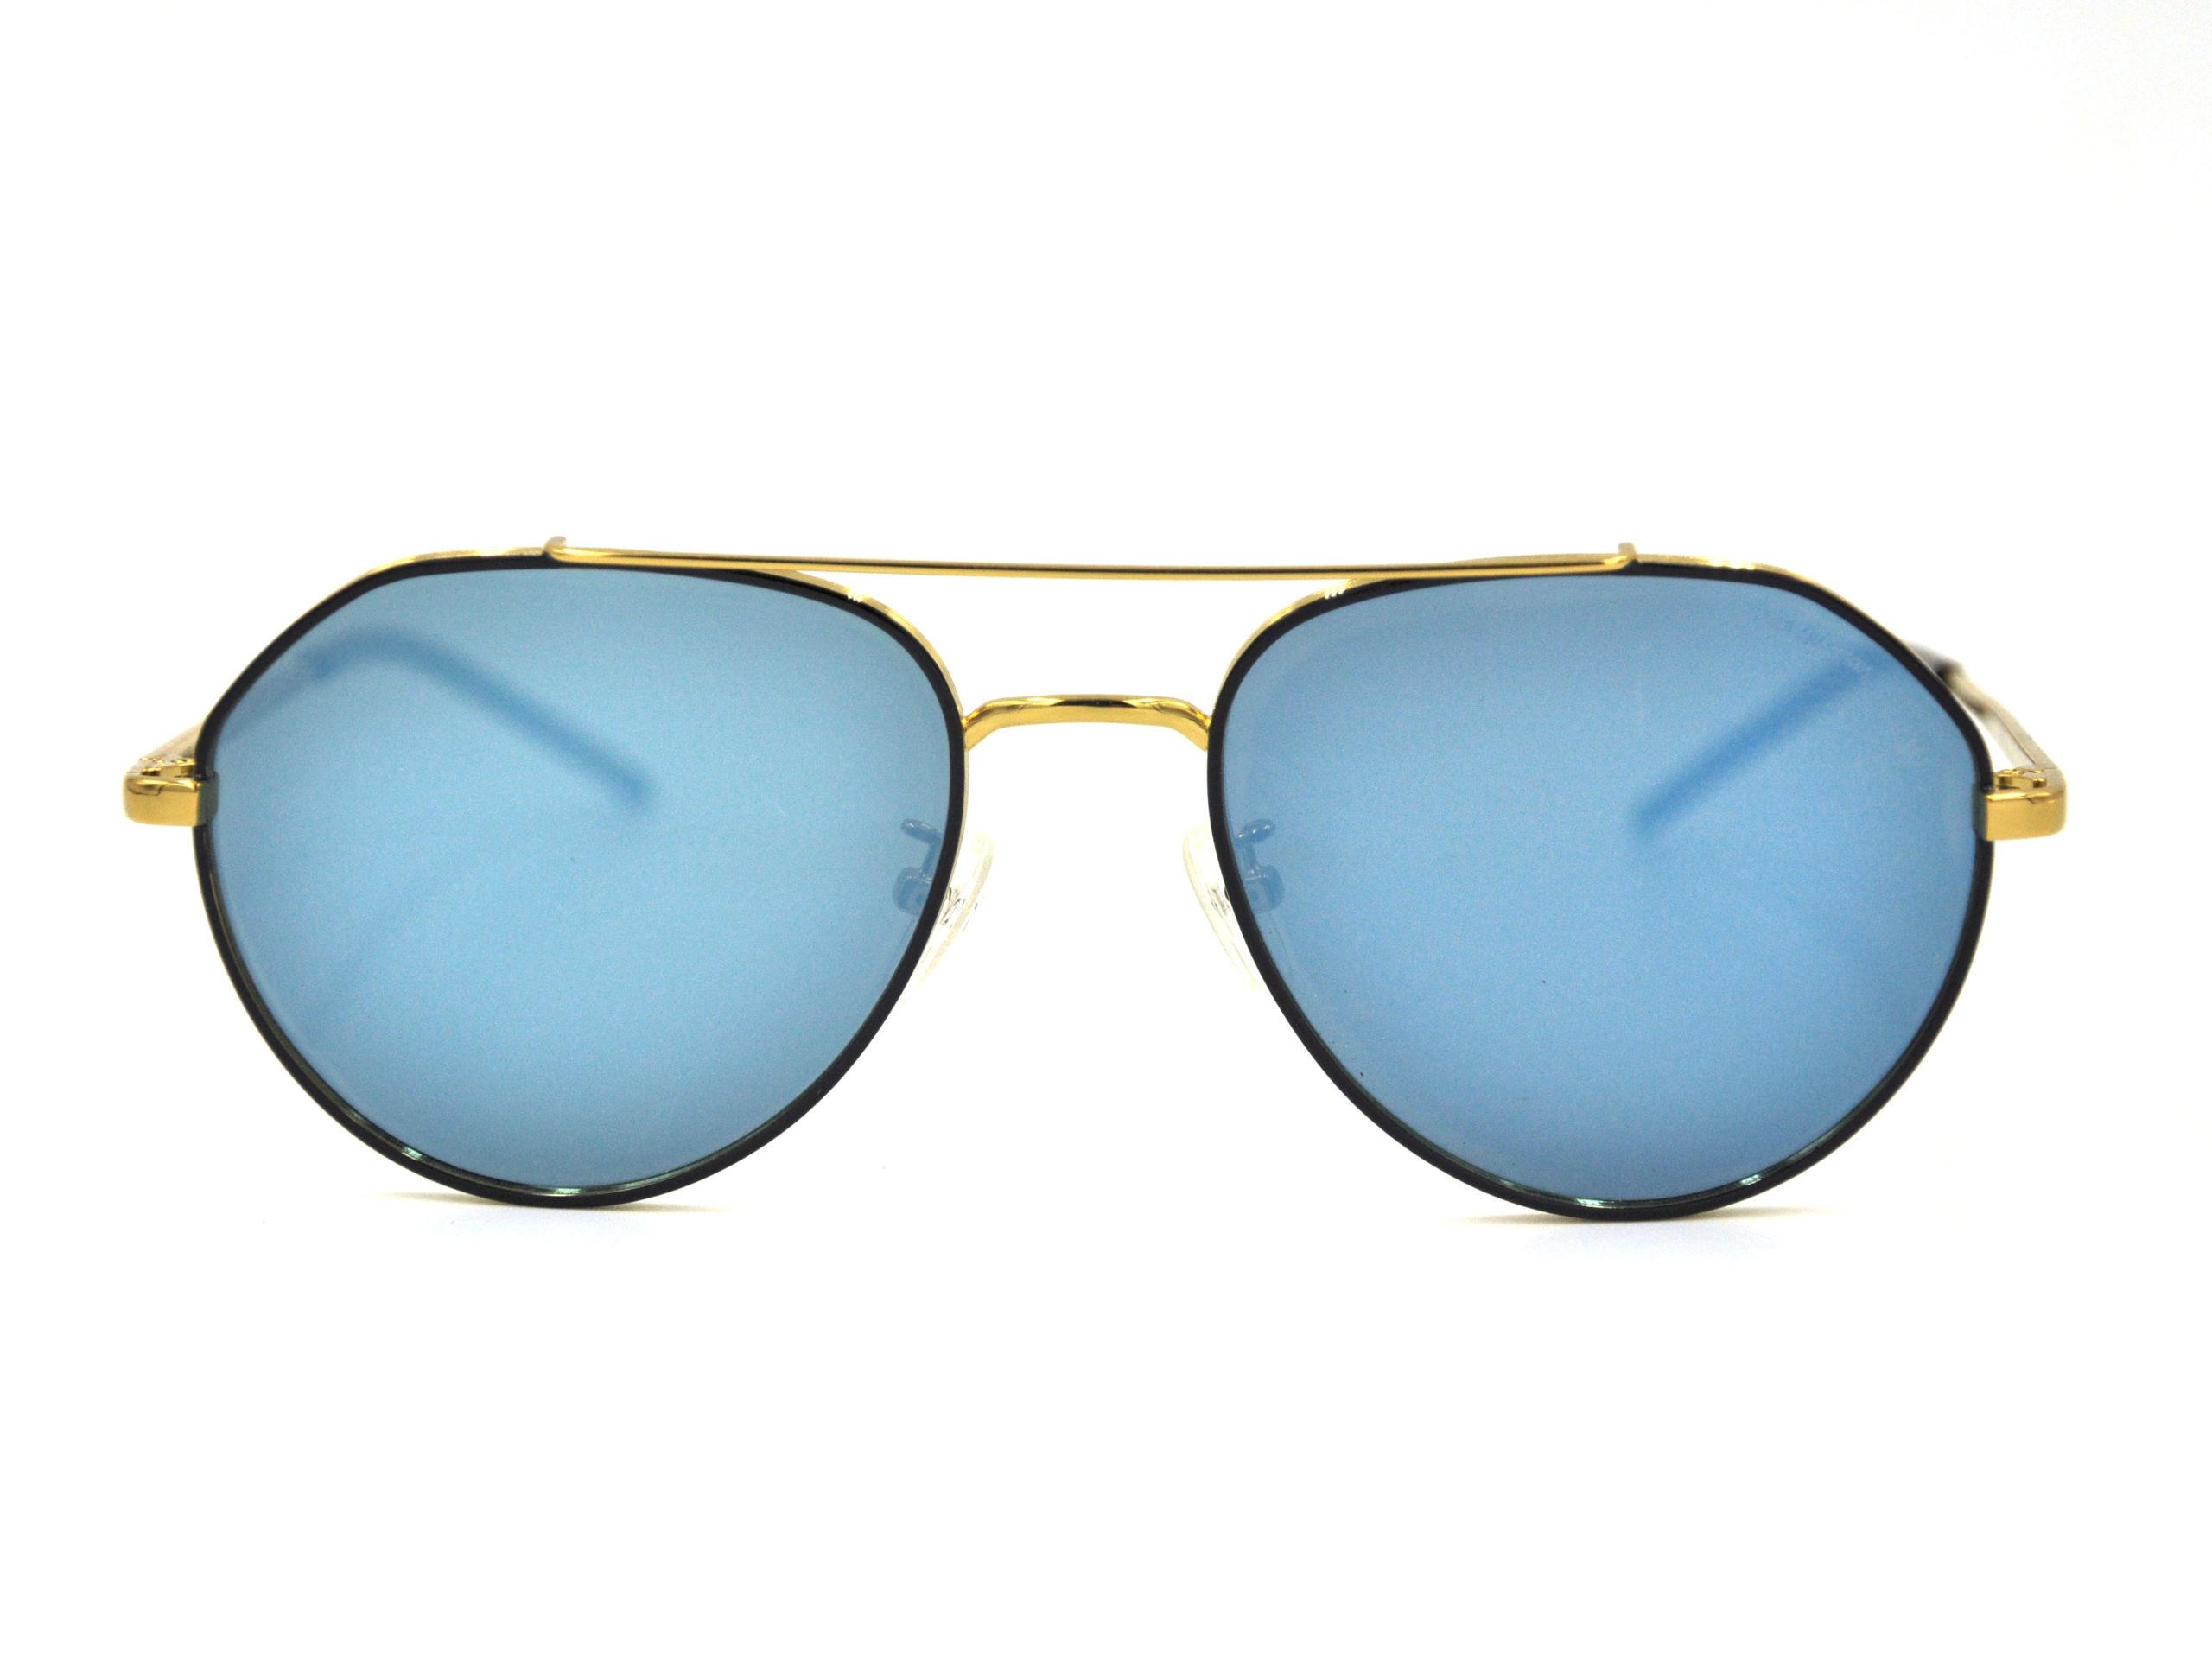 Γυαλιά ηλίου Paul Hueman PHS-1101A C05 Πειραιάς